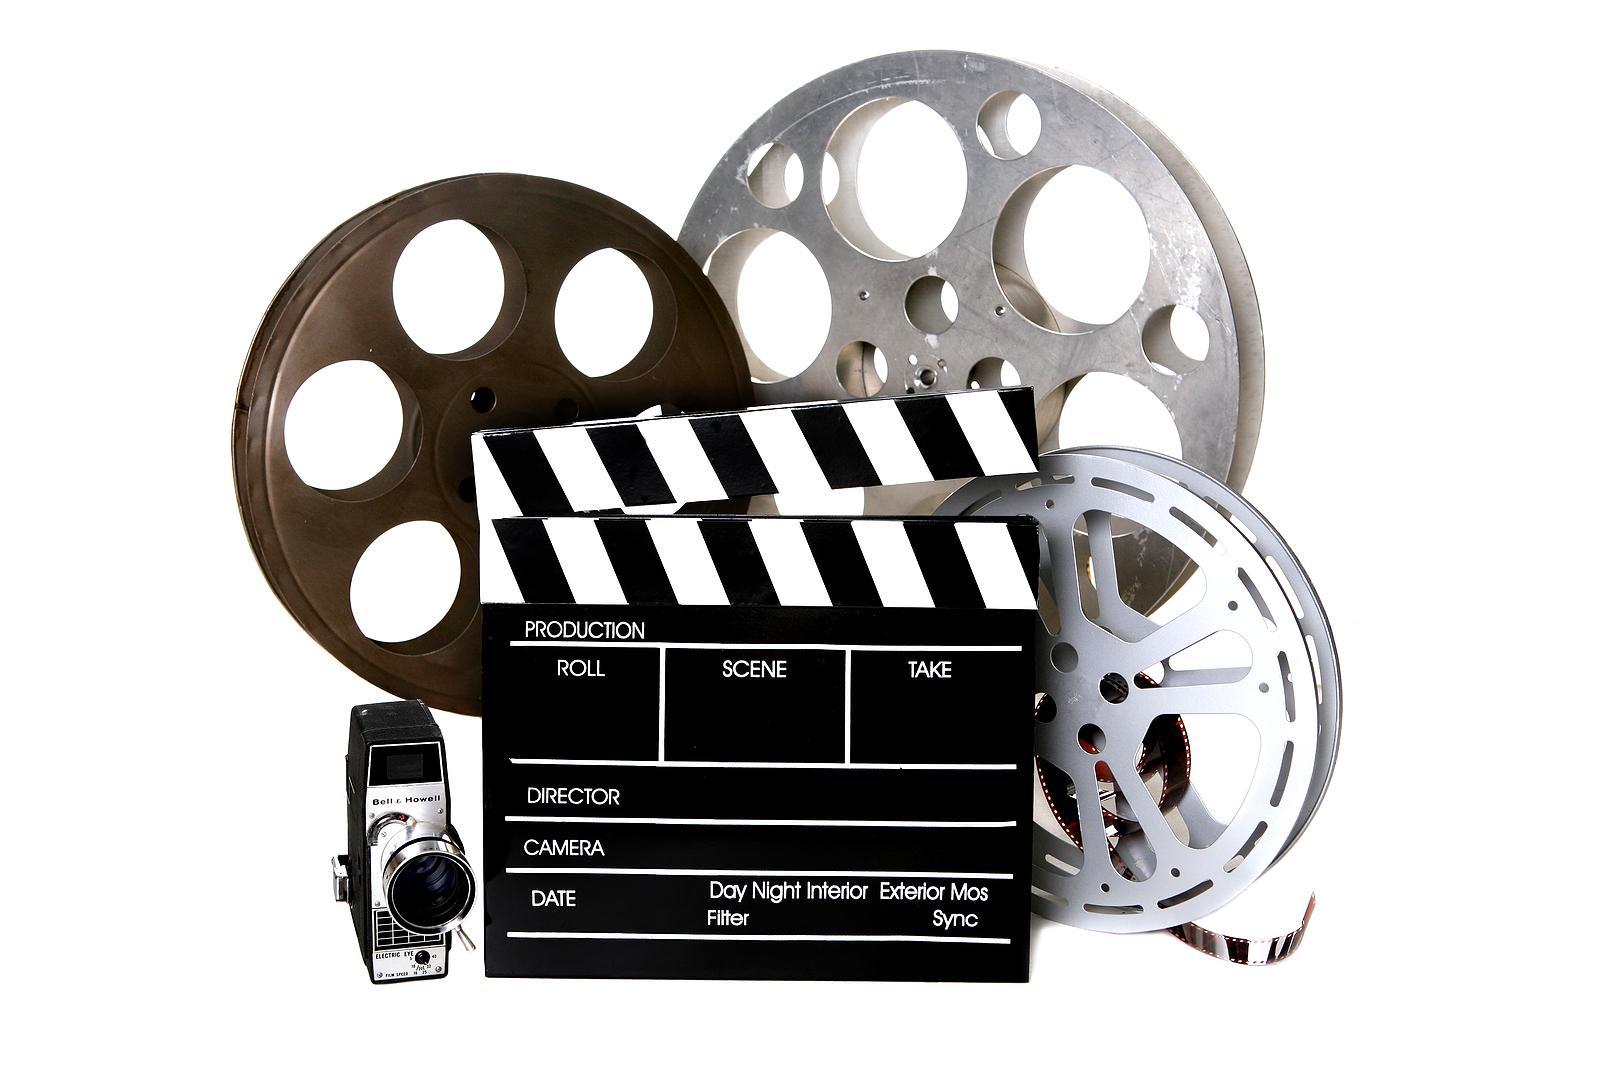 Bakıda Beynəlxalq Qısa Filmlər Festivalı keçiriləcək